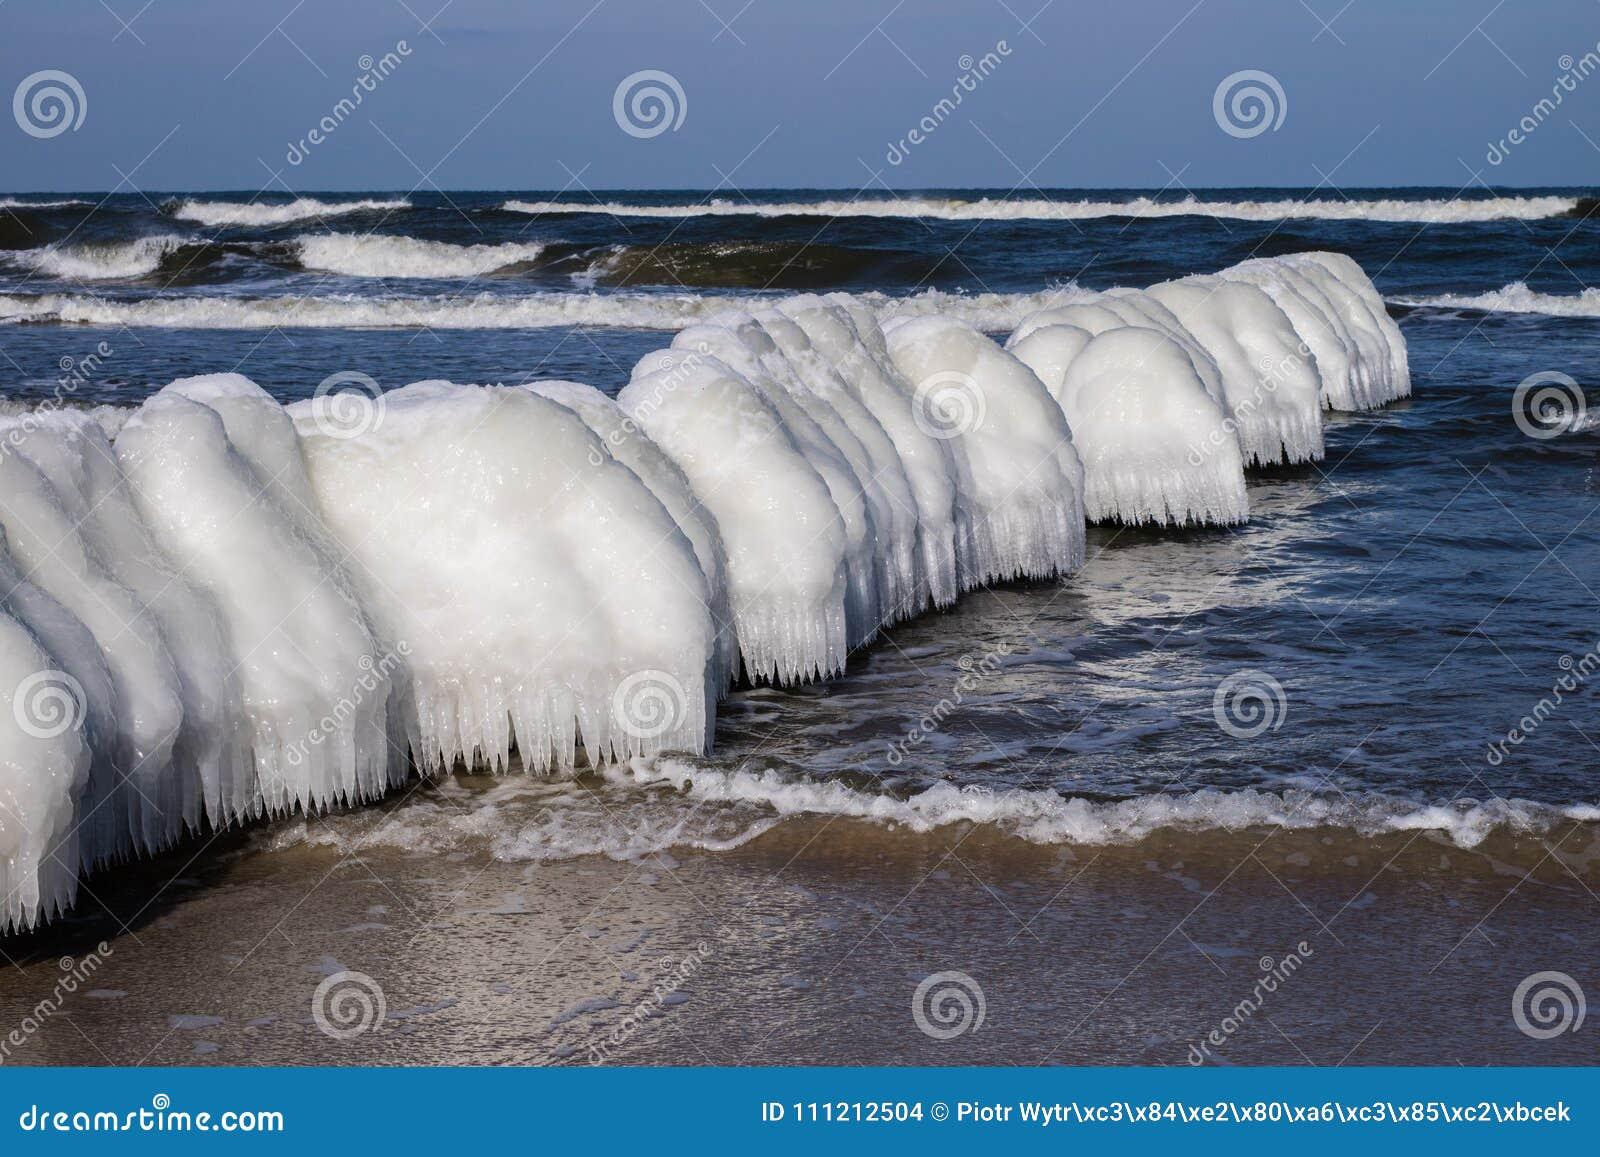 Mer baltique en Pologne Bord de mer et falachron avec du pe en bois glacial